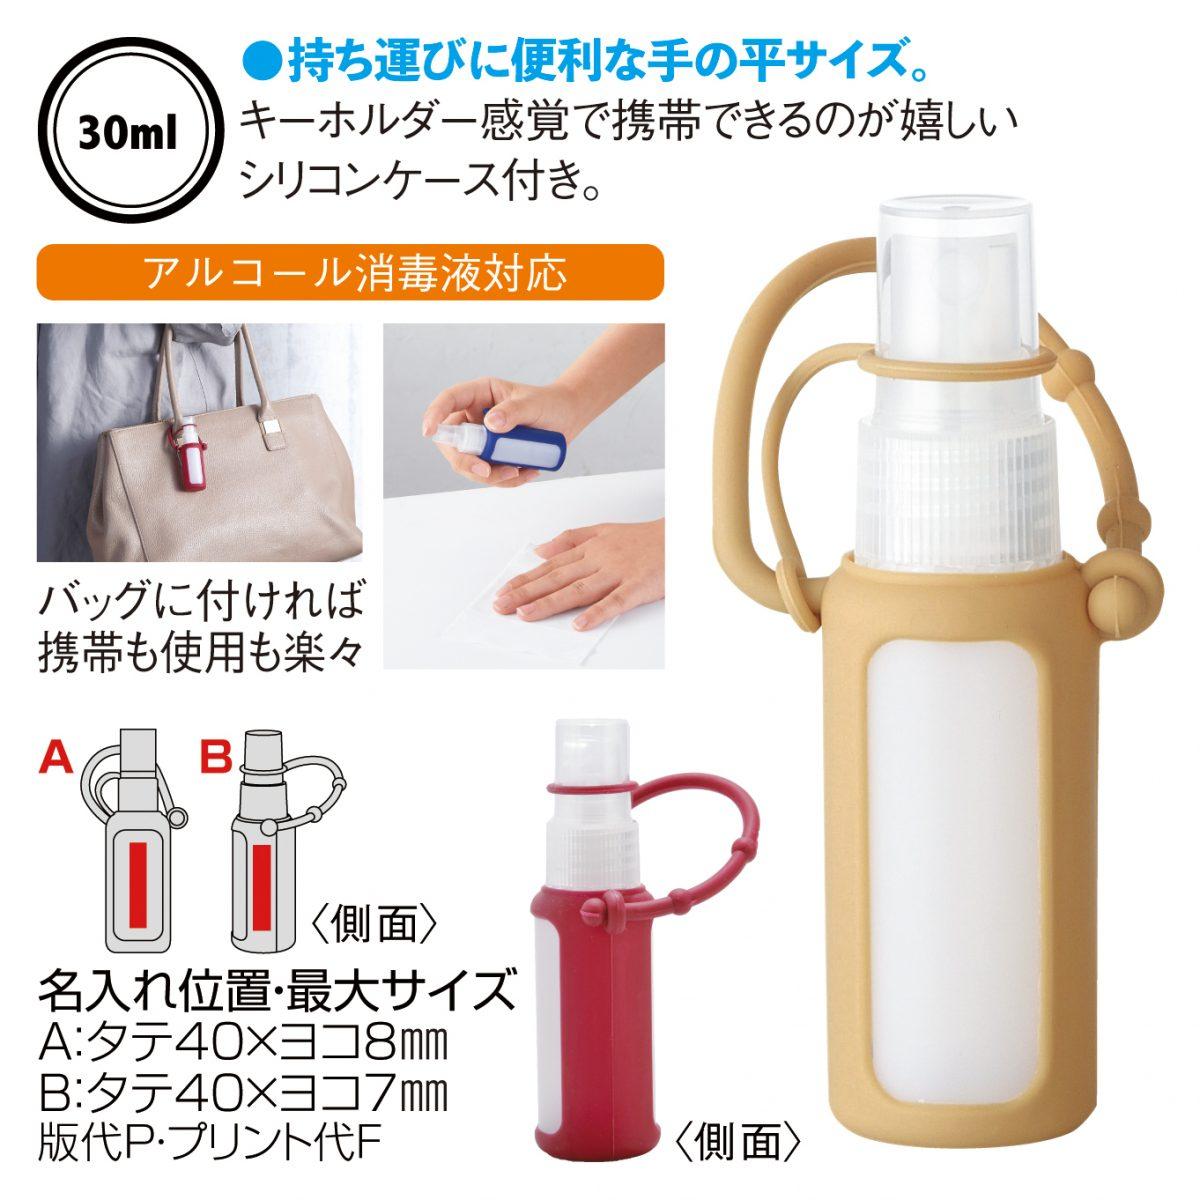 シリコンケース付きスプレーボトル 30ml(ベージュ)